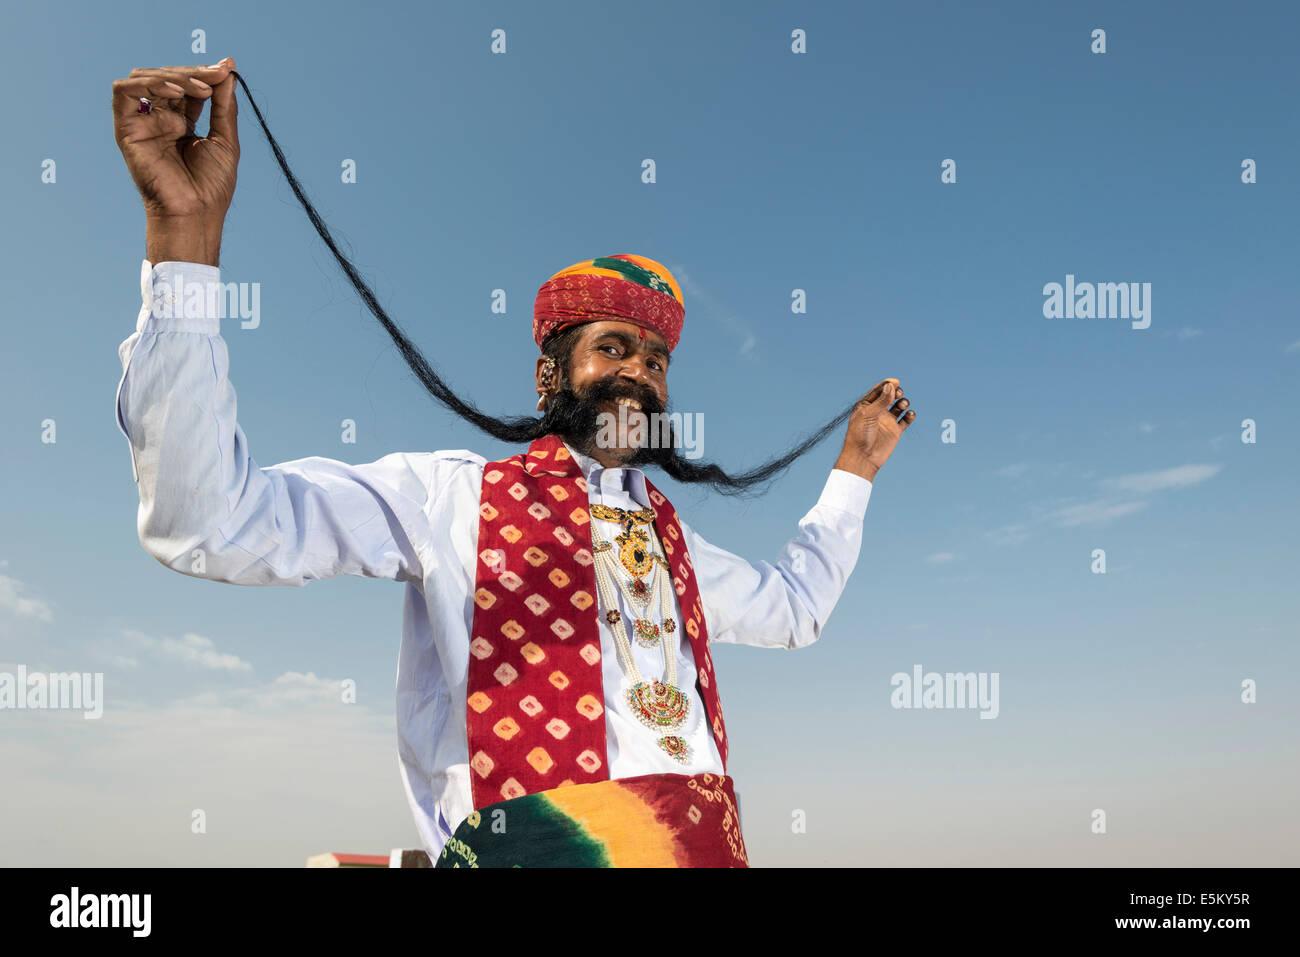 Uomo locale presentando il suo lungo i baffi, Rajput persone, Bikaner, Rajasthan, India Foto Stock